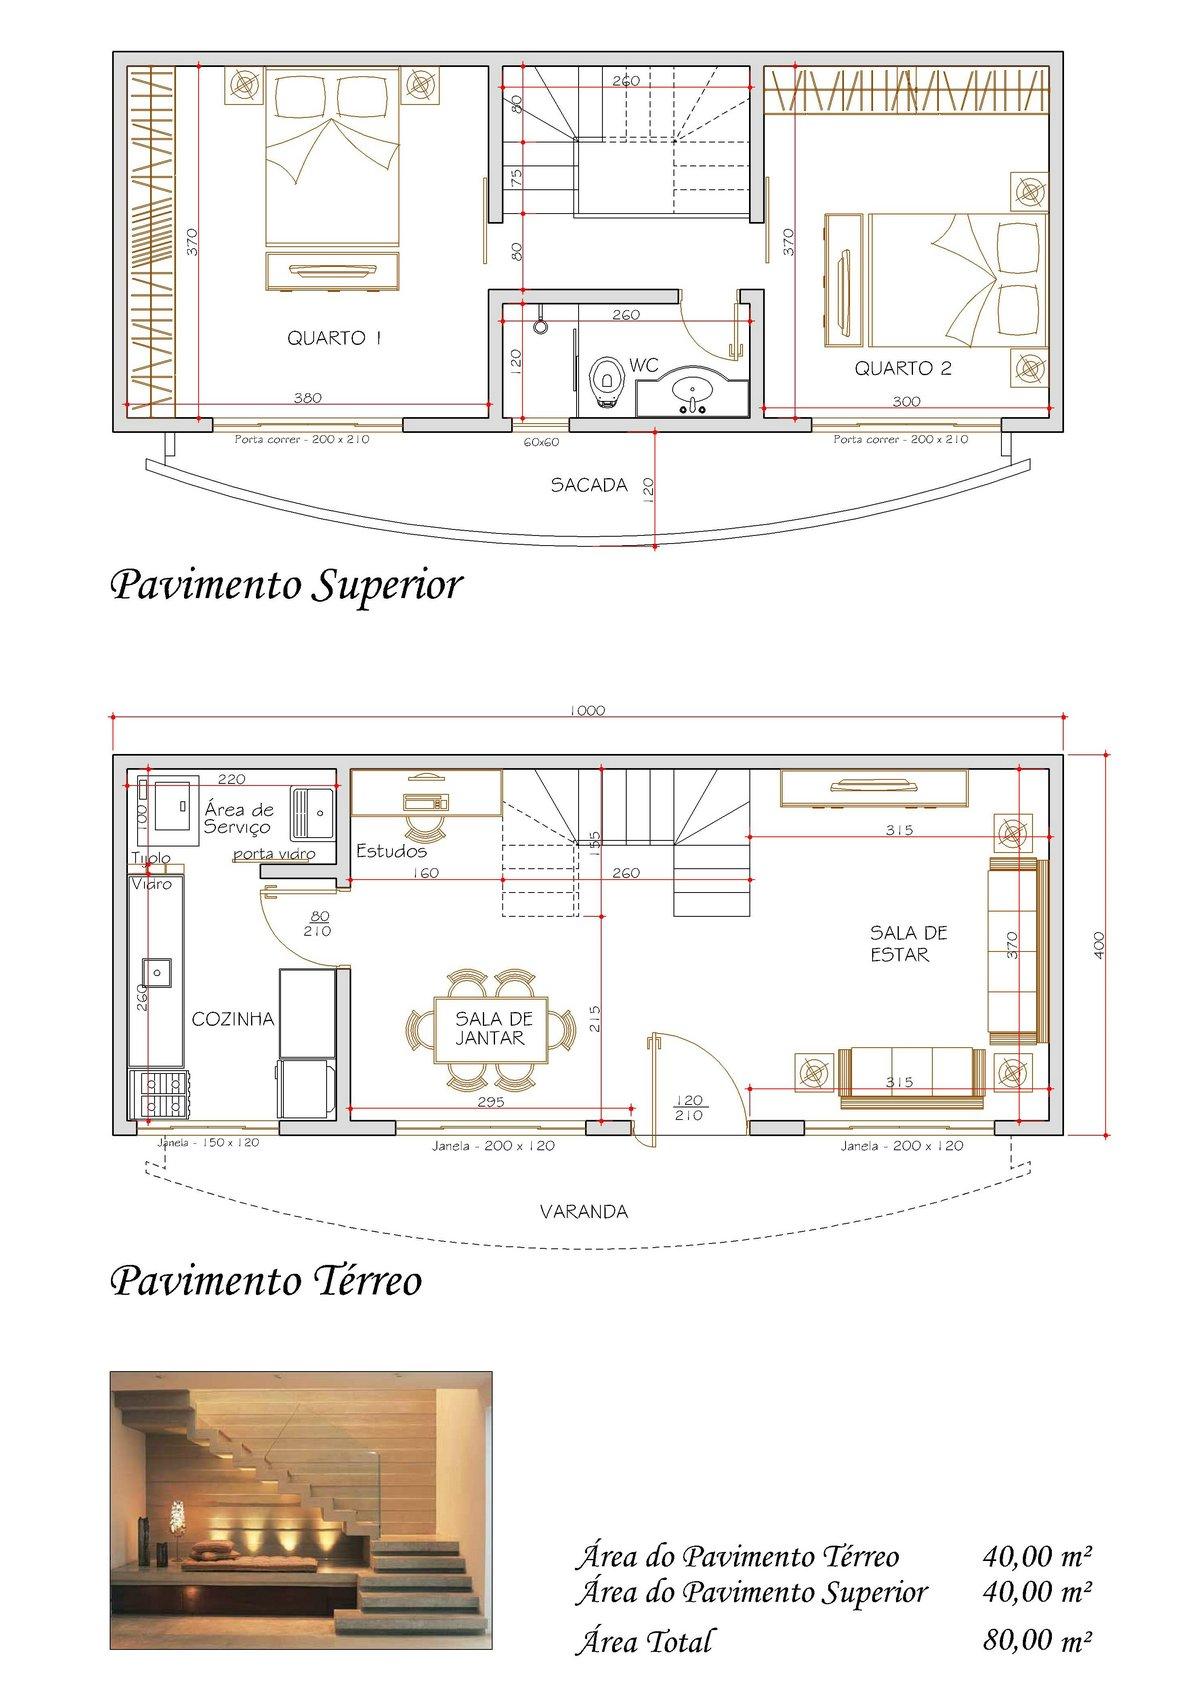 Plantas de sobrados pequenos com 2 quartos Decorando Casas #91613A 1200 1697